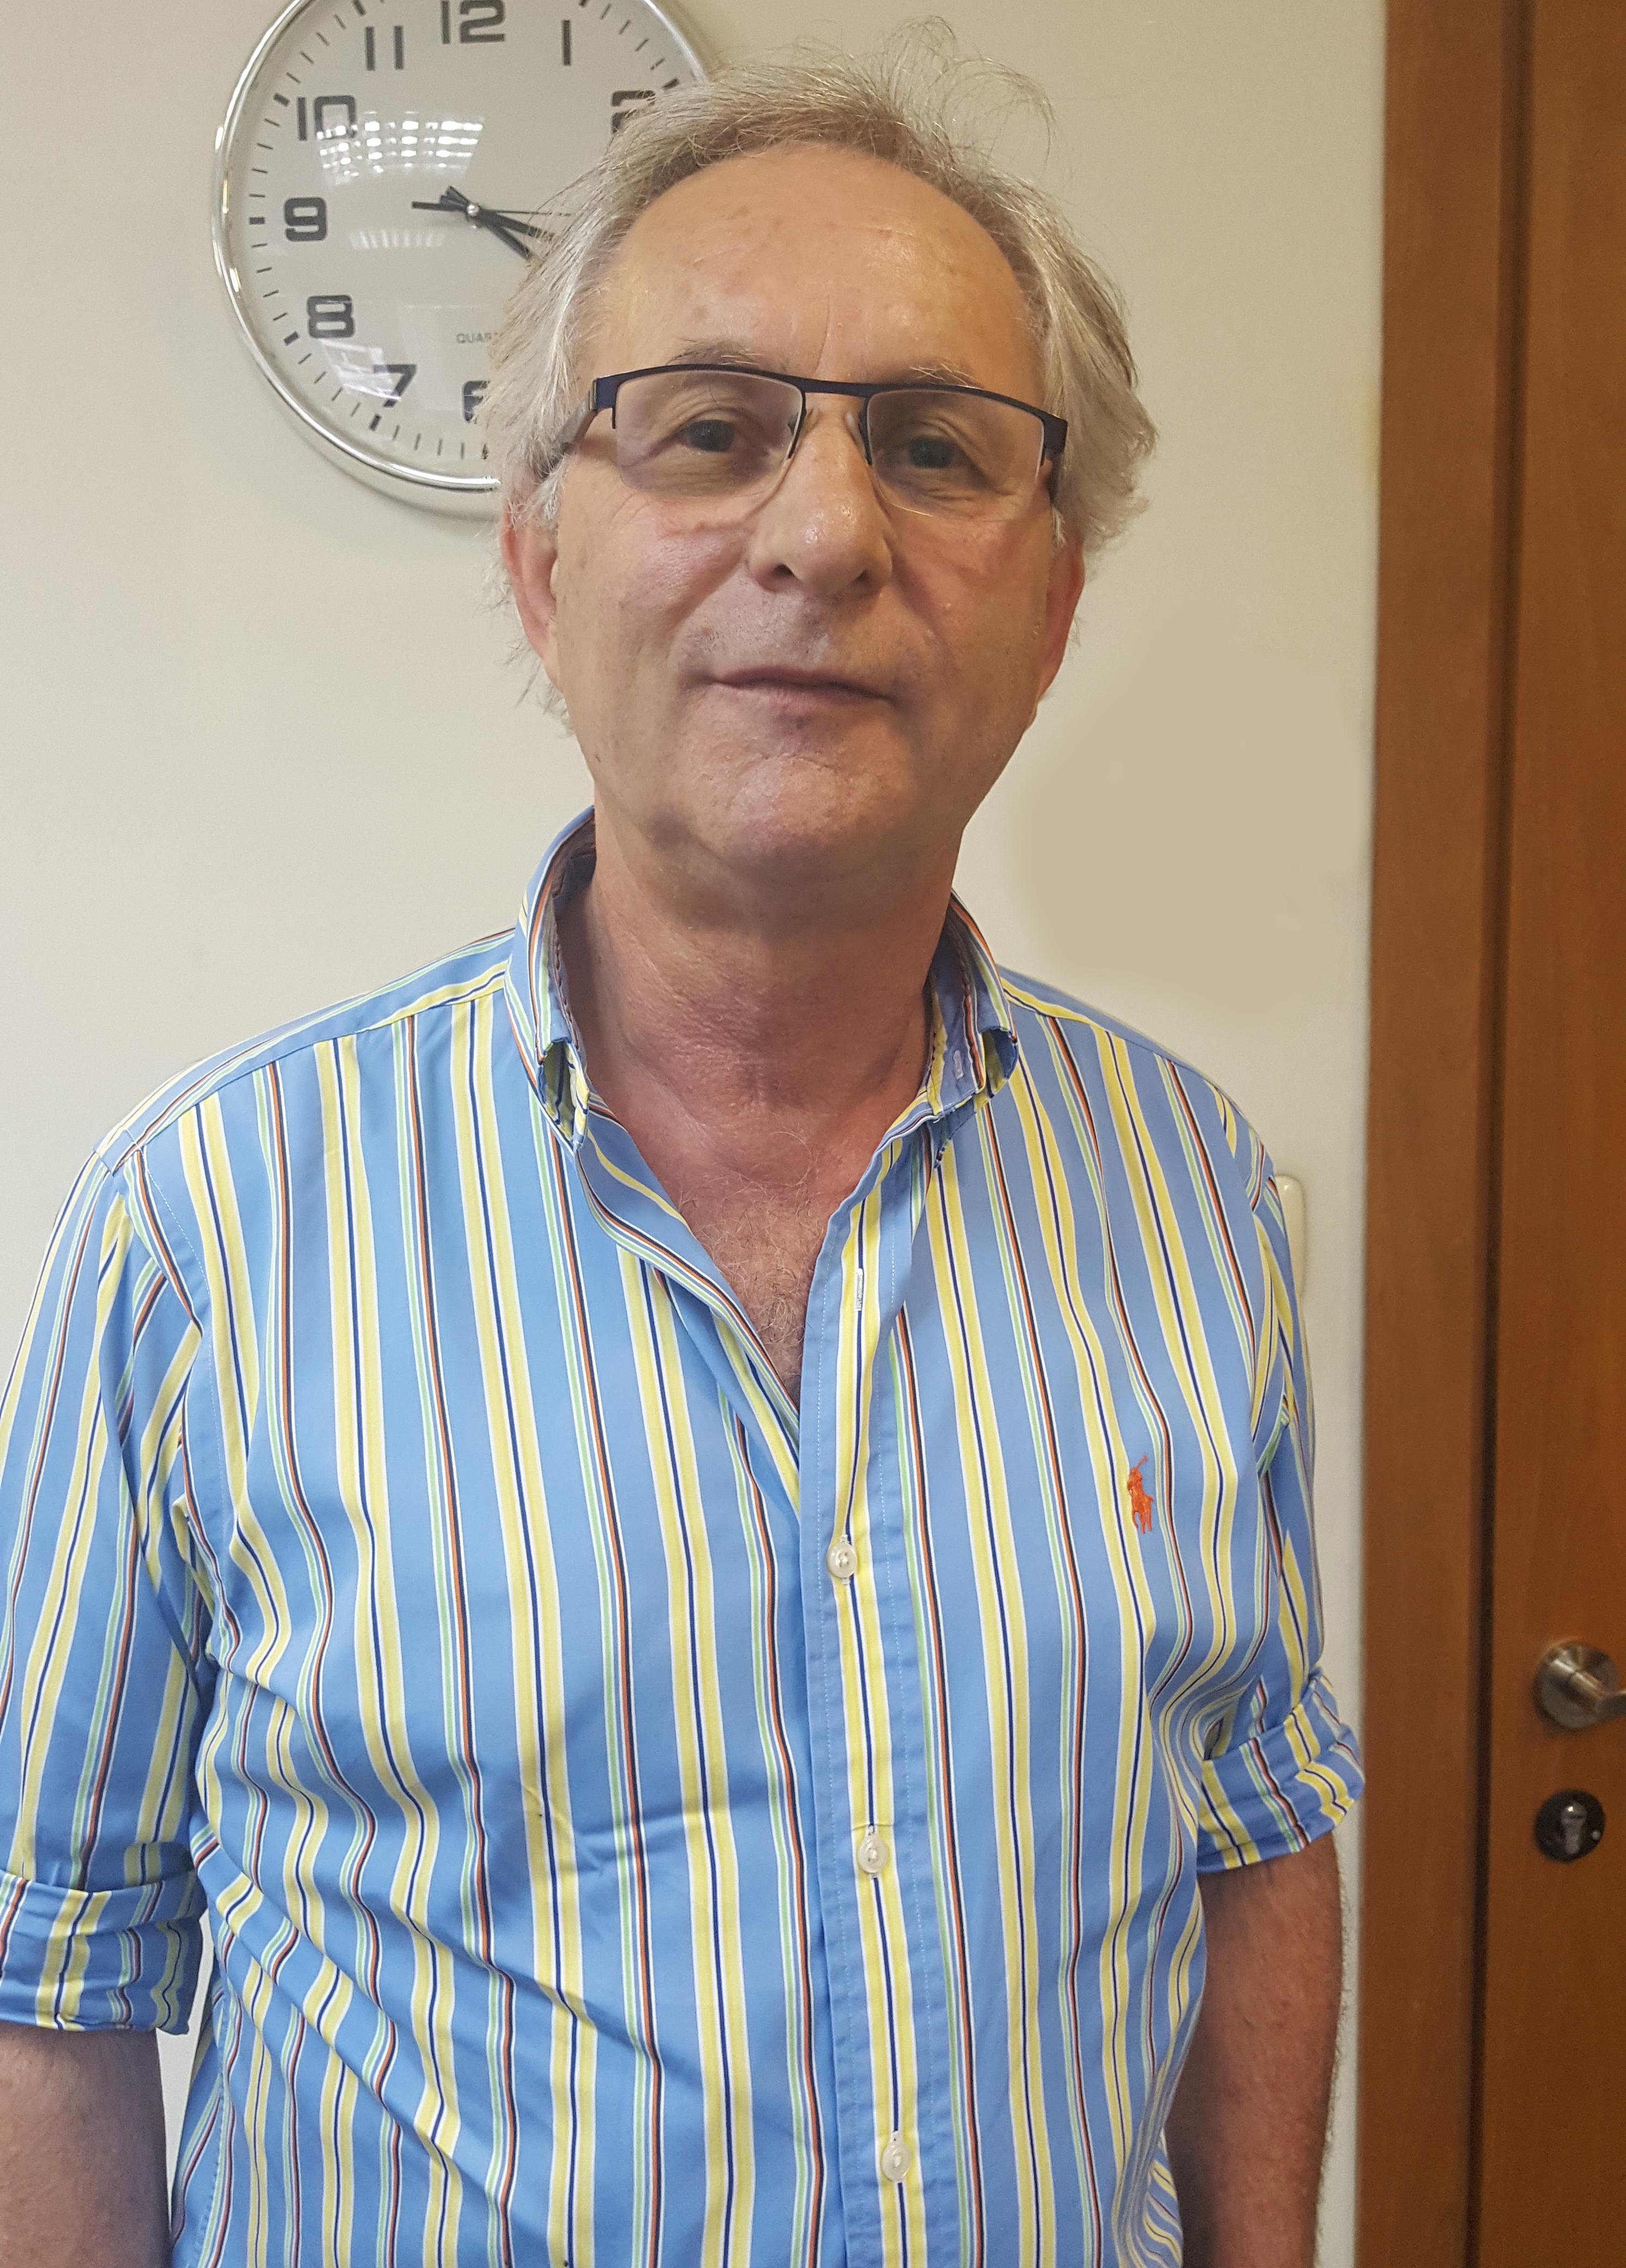 מר ישראל הרץ - מרצה למיסוי ושחרור טובין מהמכס במכללה העסקית